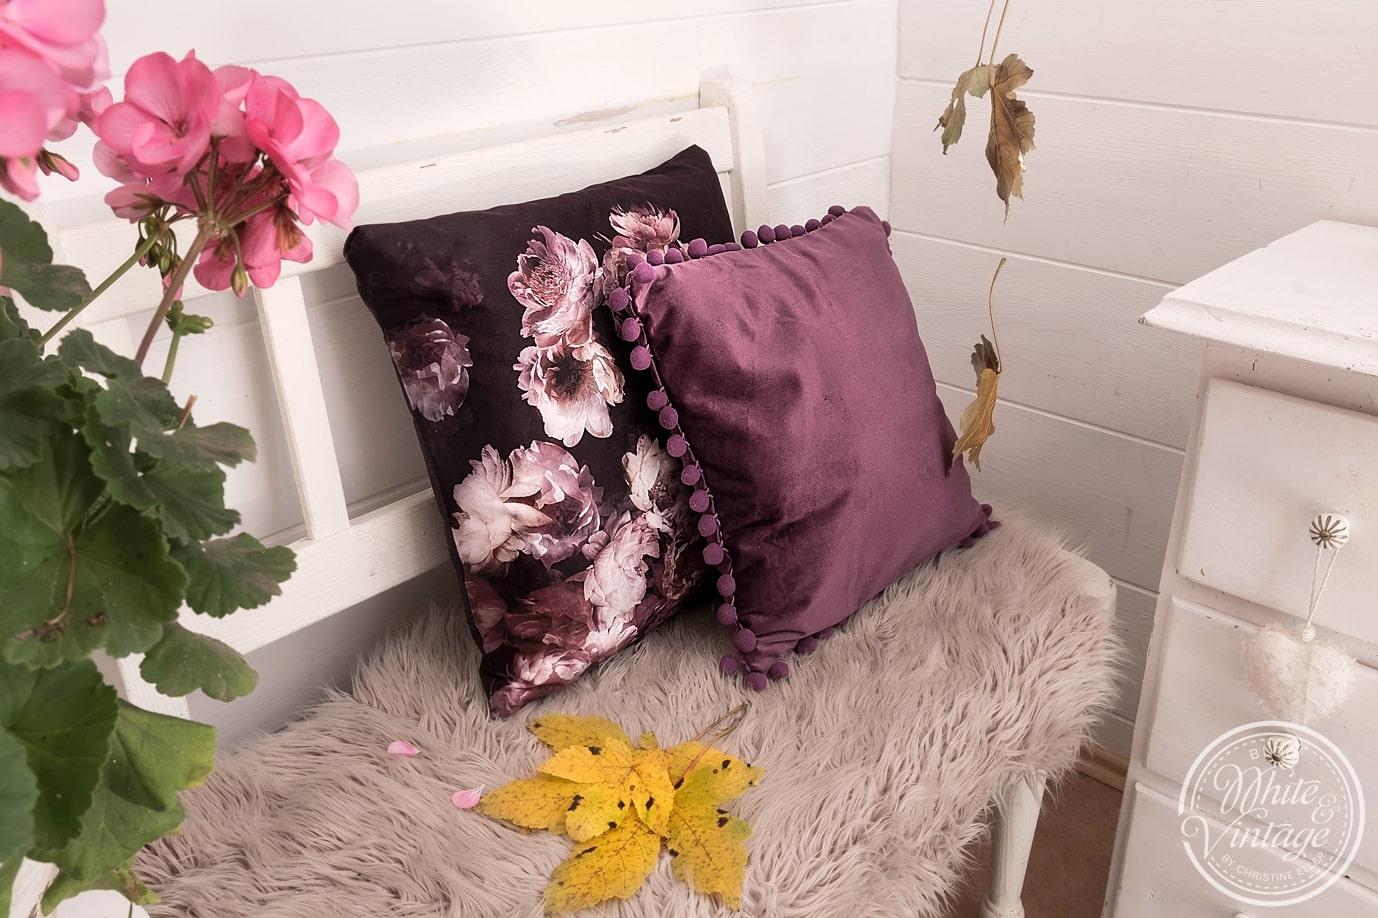 Kuschelige Kissen und Felle bringen Gemütlichkeit in dein Zuhause.